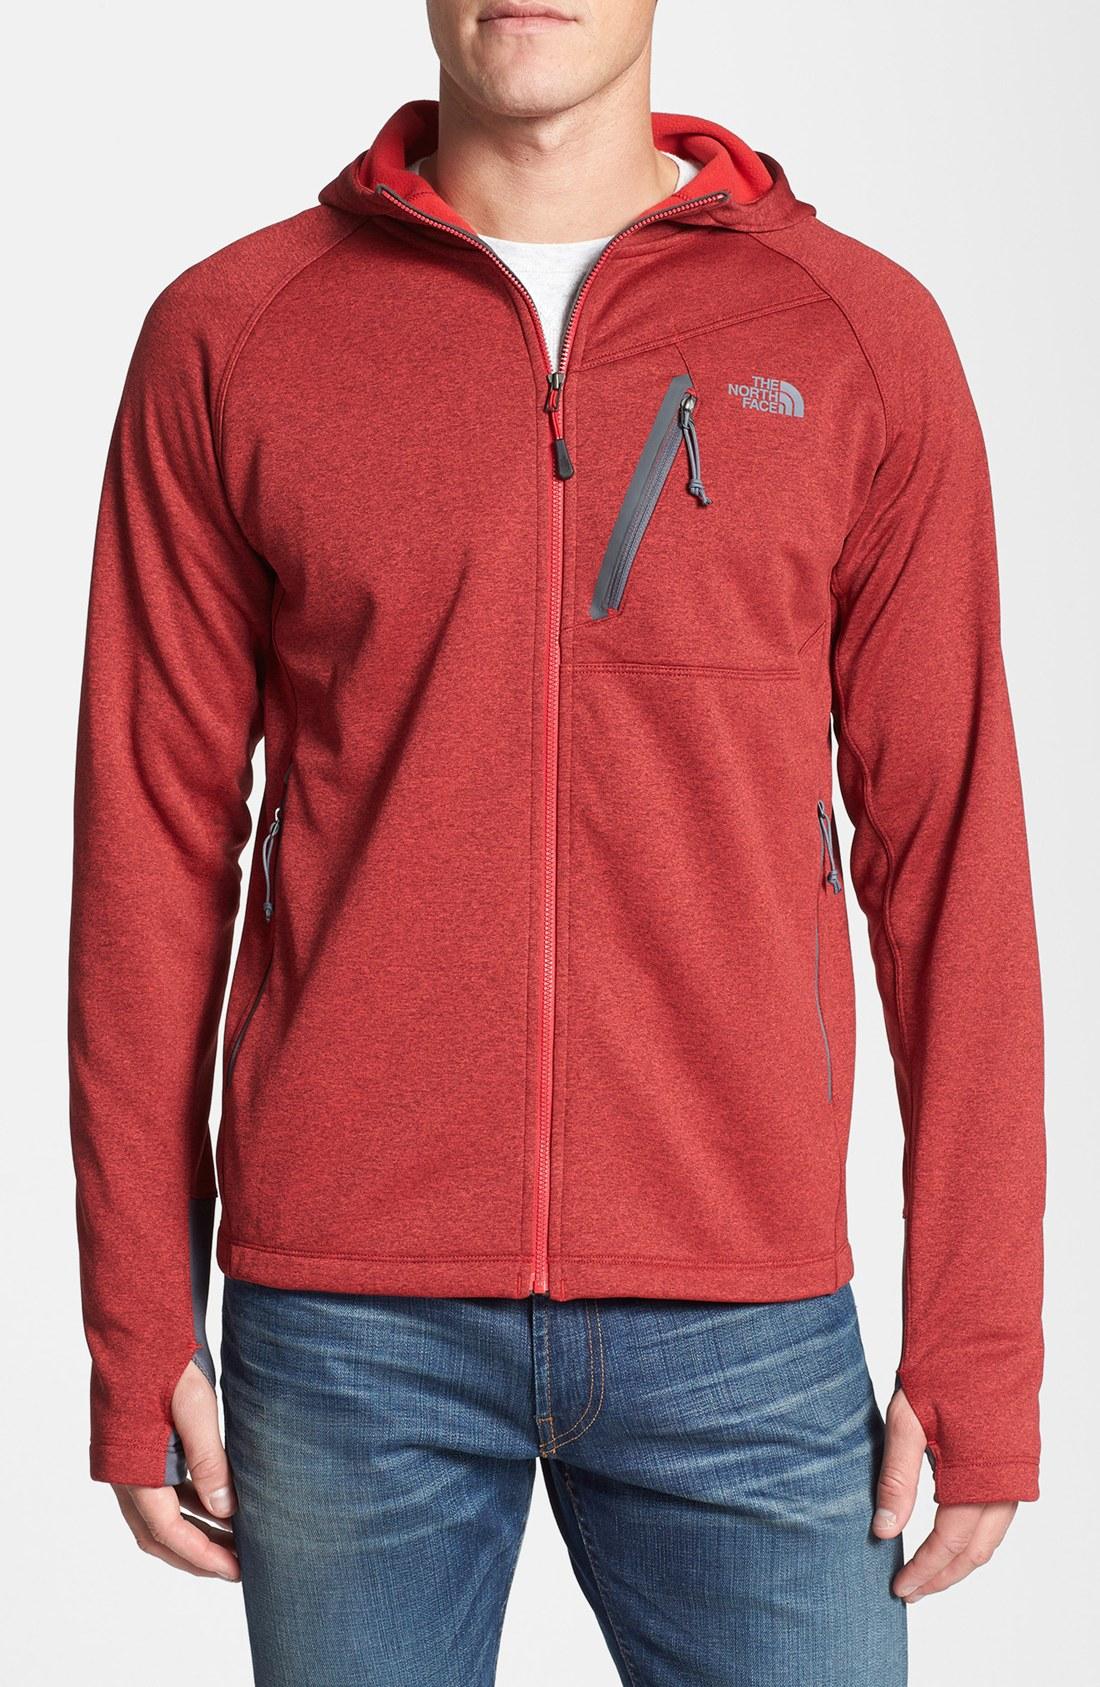 Red zipper hoodie